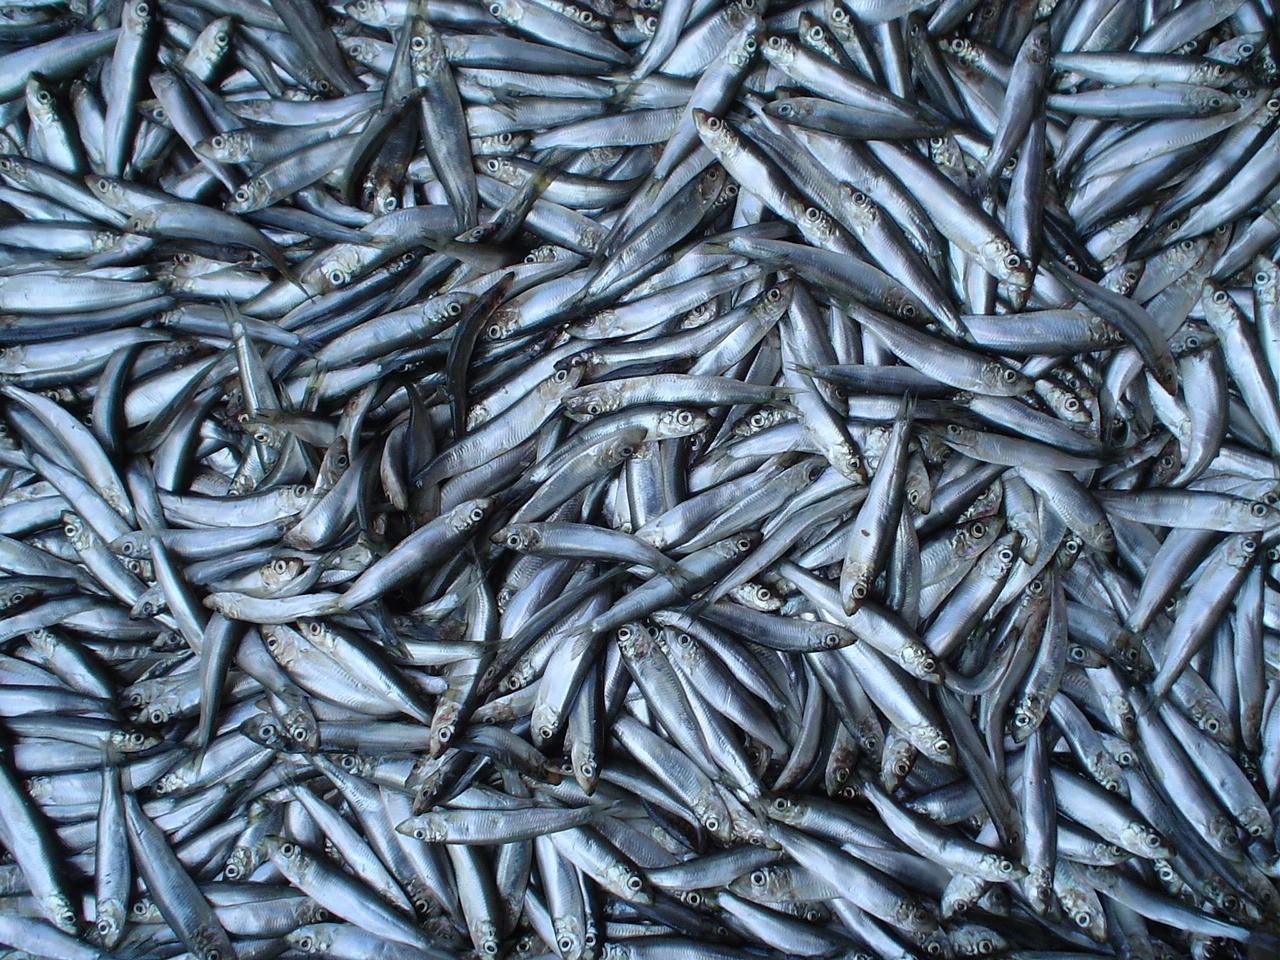 Анчоусы в Приморье стали массово выбрасываться на берег